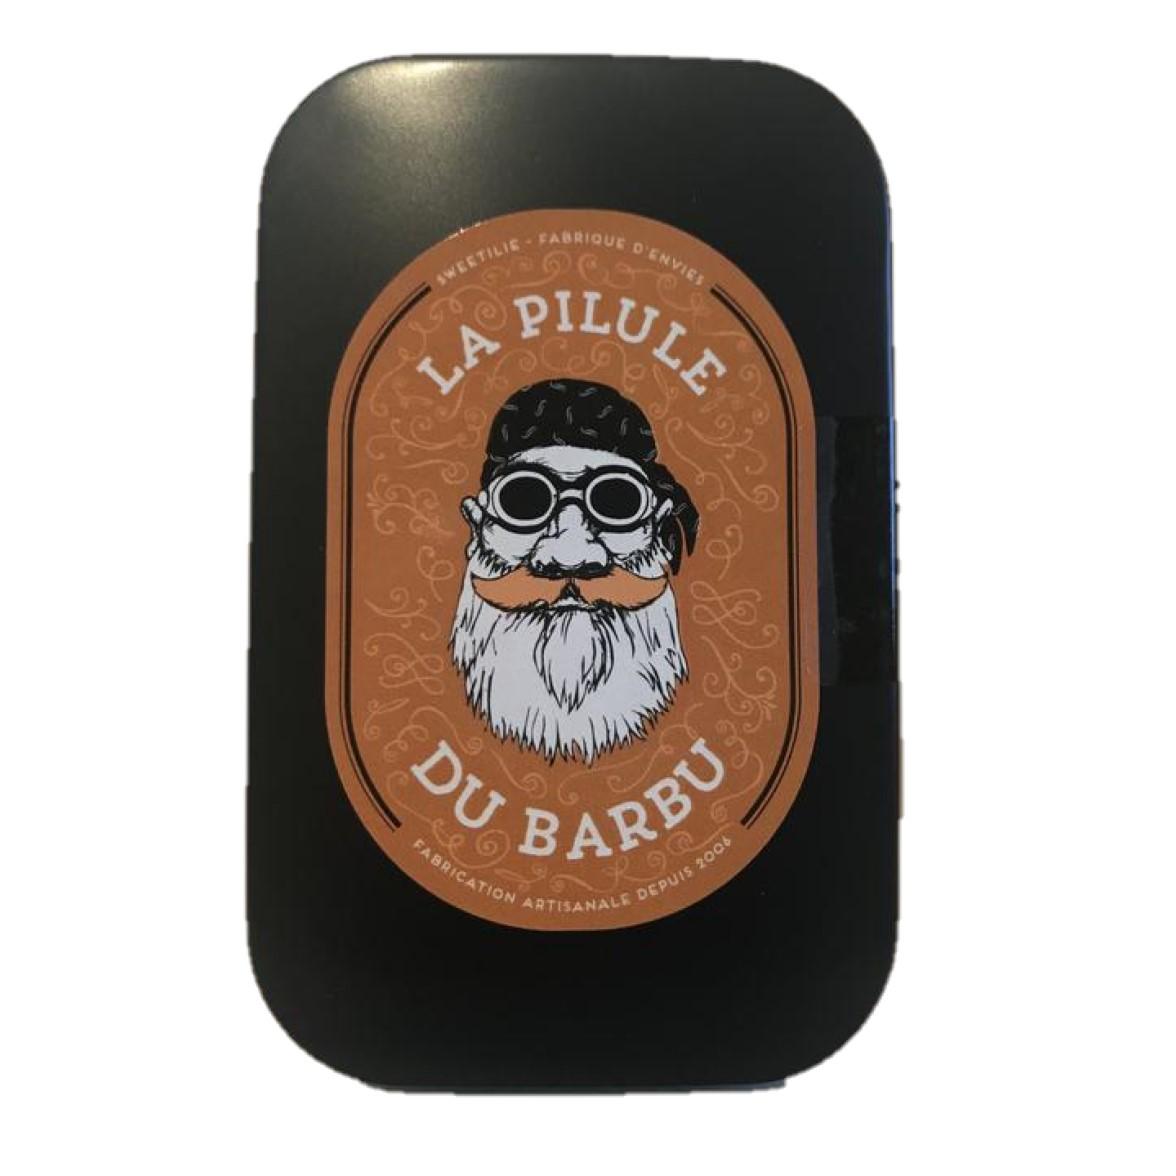 pilule barbu old